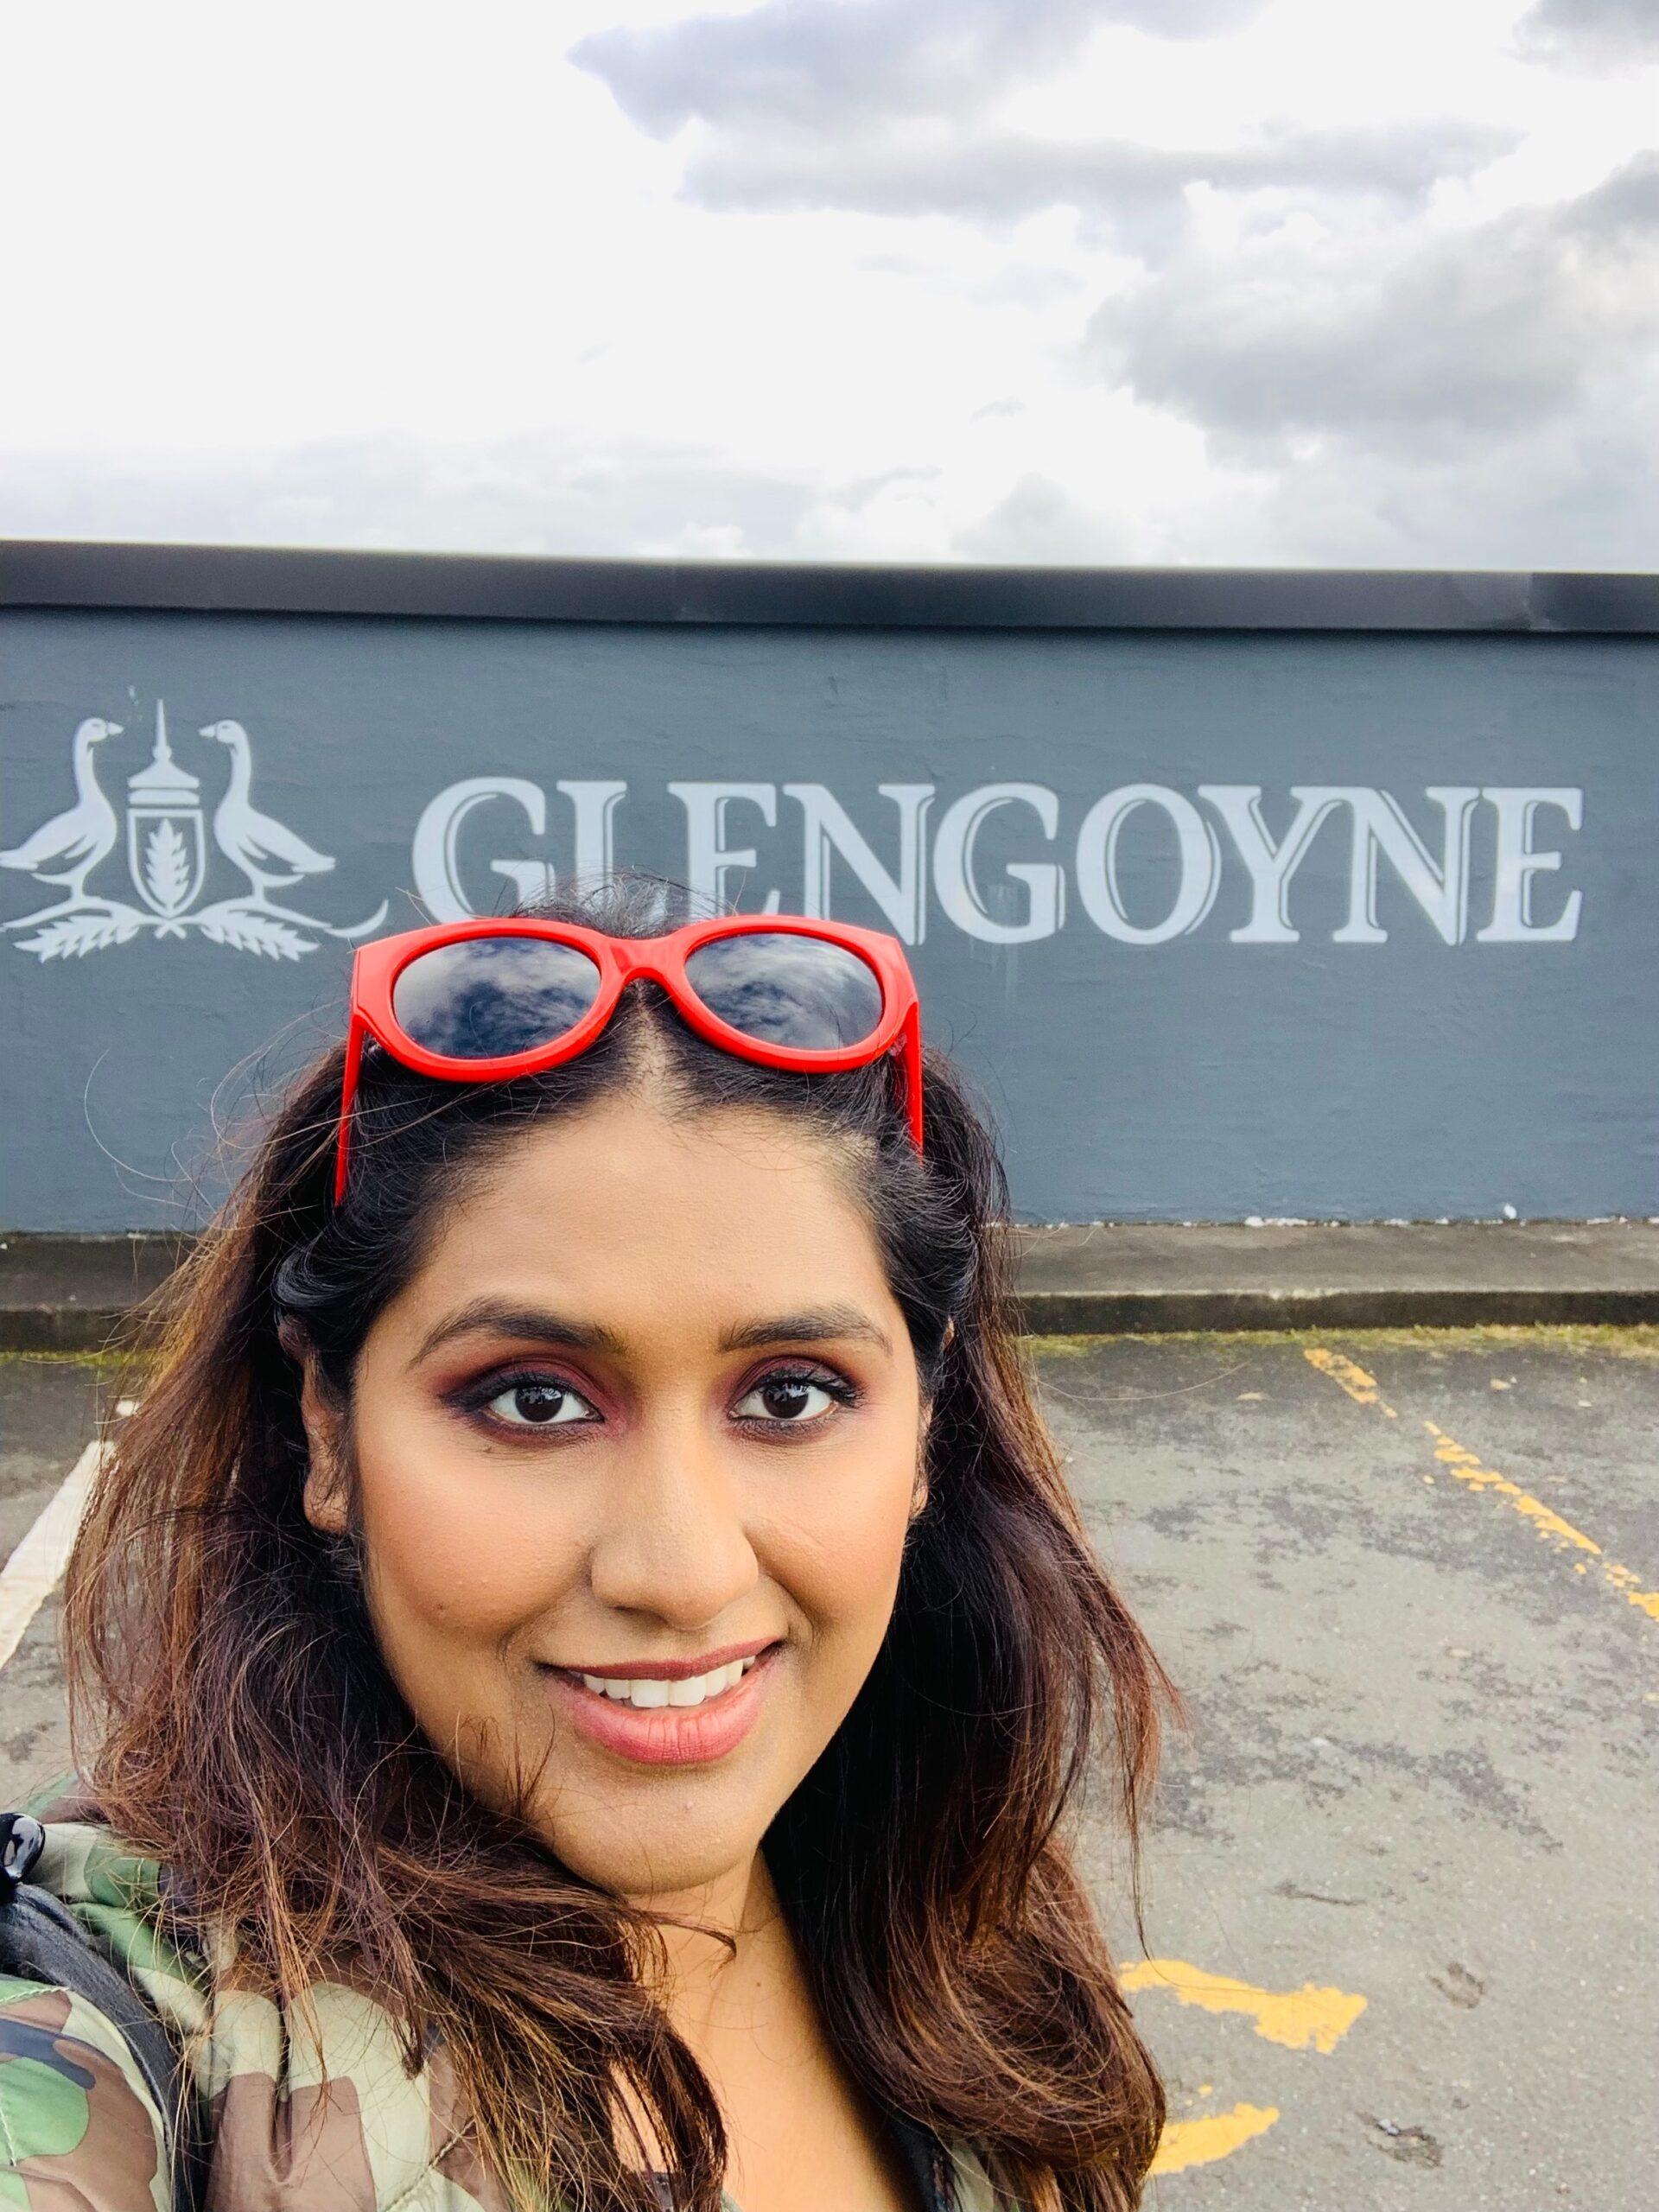 Glengoyne, North of Glasgow